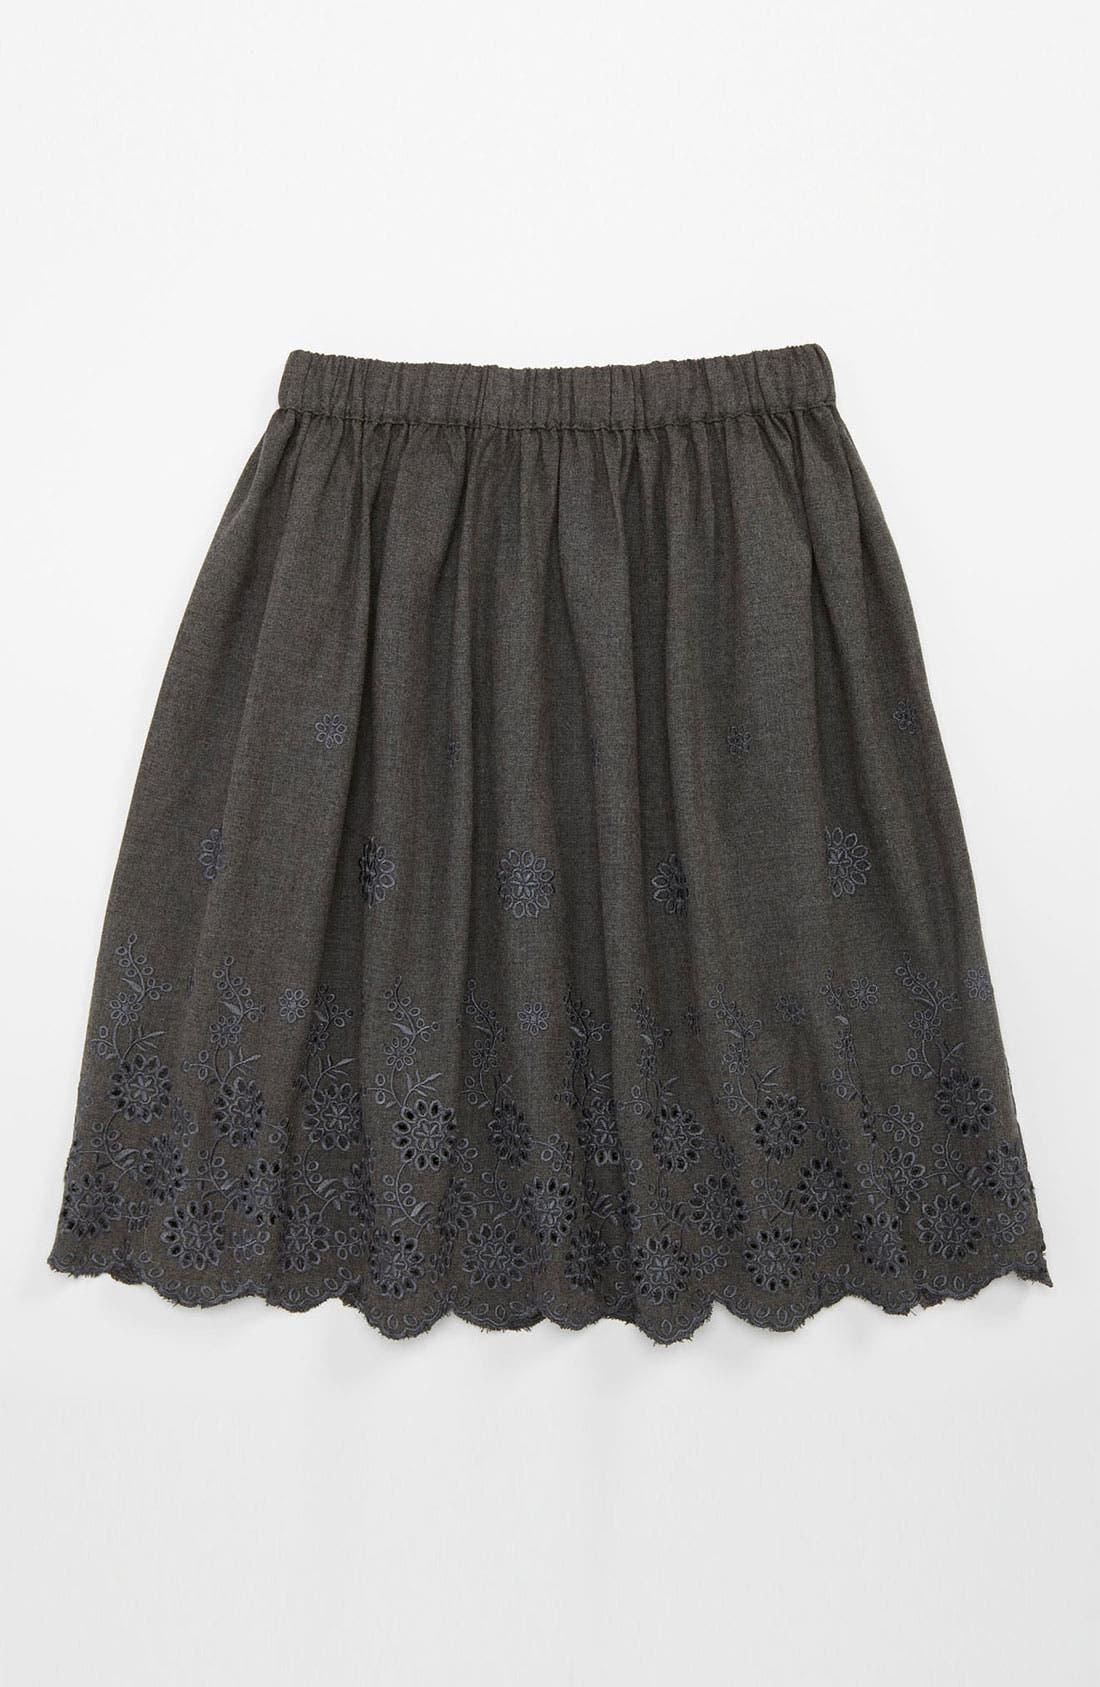 Main Image - Peek 'Harlow' Skirt (Toddler, Little Girls & Big Girls)